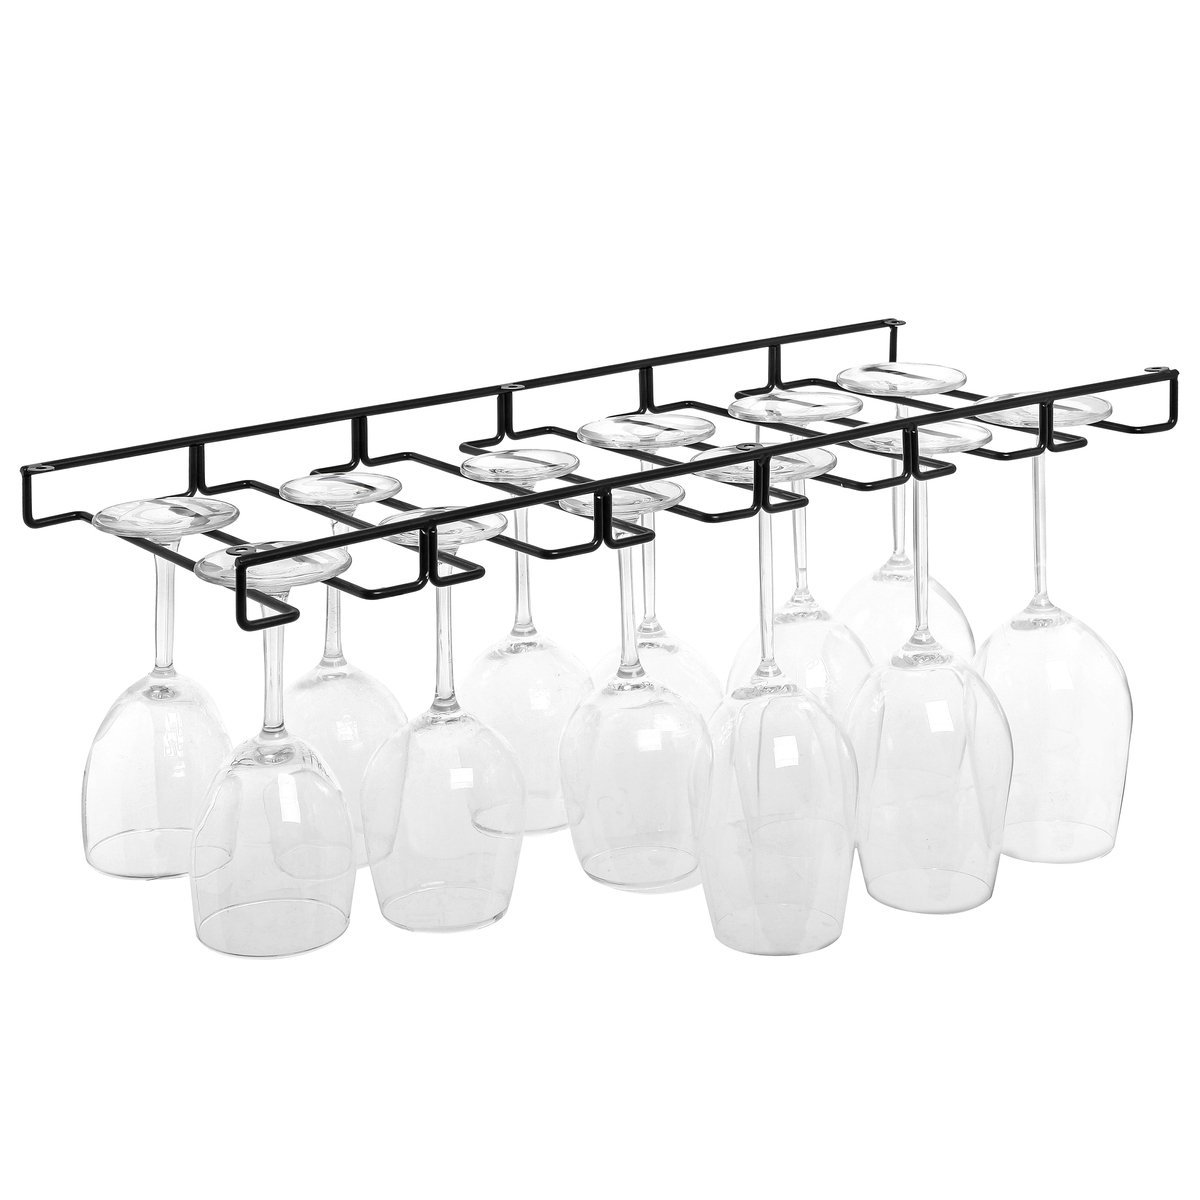 stemware wine glasses hanger organizer holder rack wire. Black Bedroom Furniture Sets. Home Design Ideas